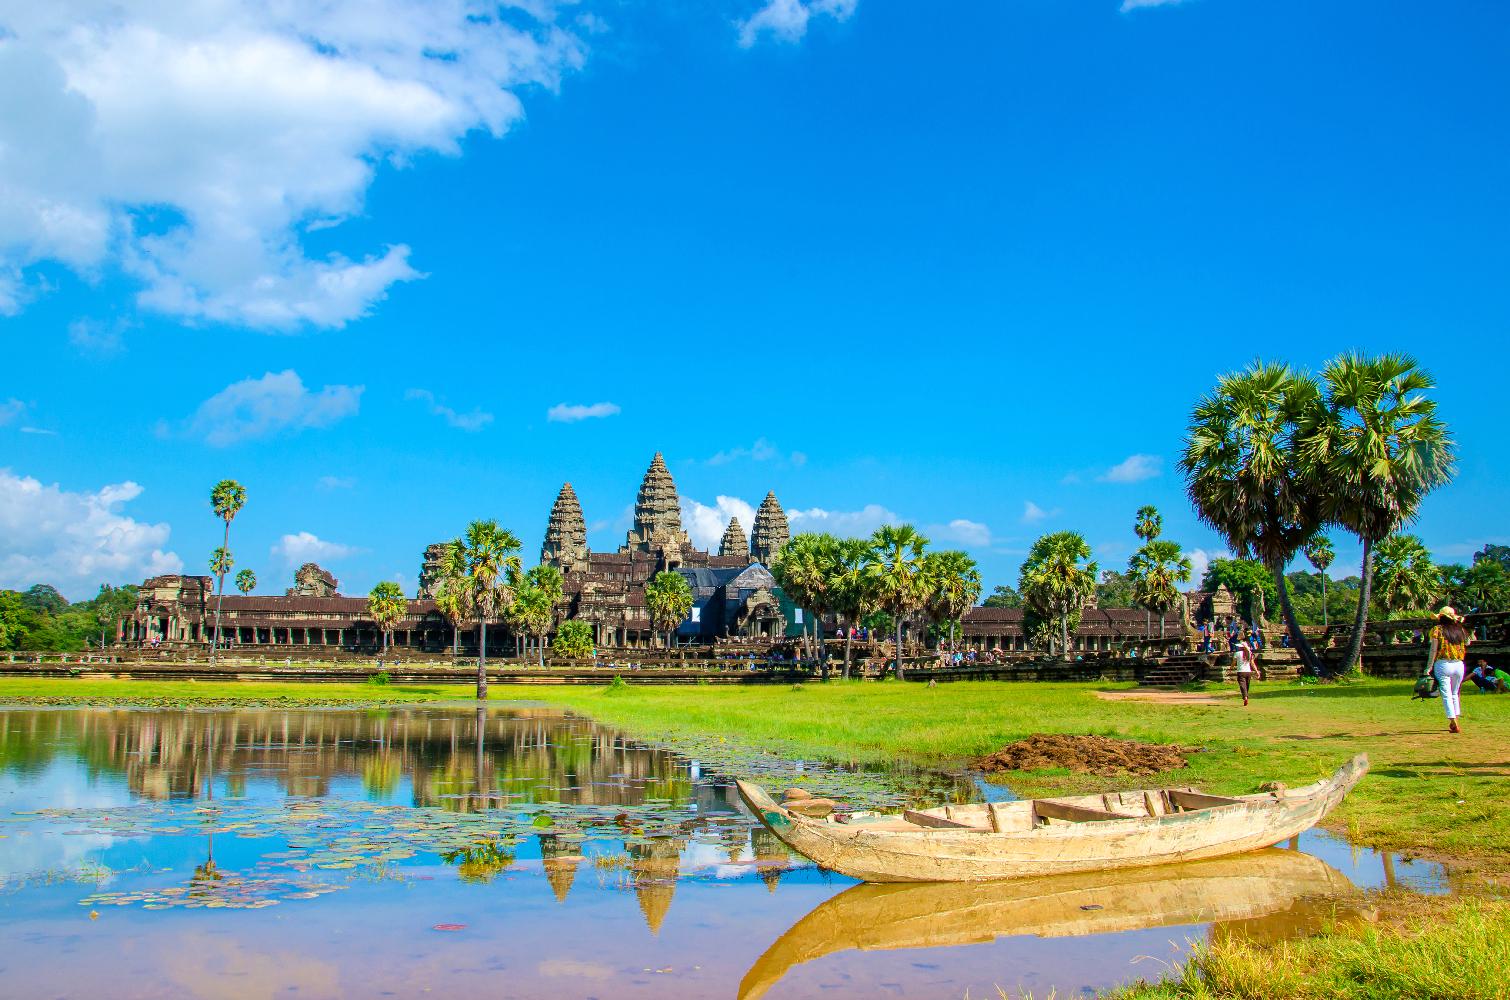 Kambscha Siam Rep Angkor Wat mit Boot am See ©123RF